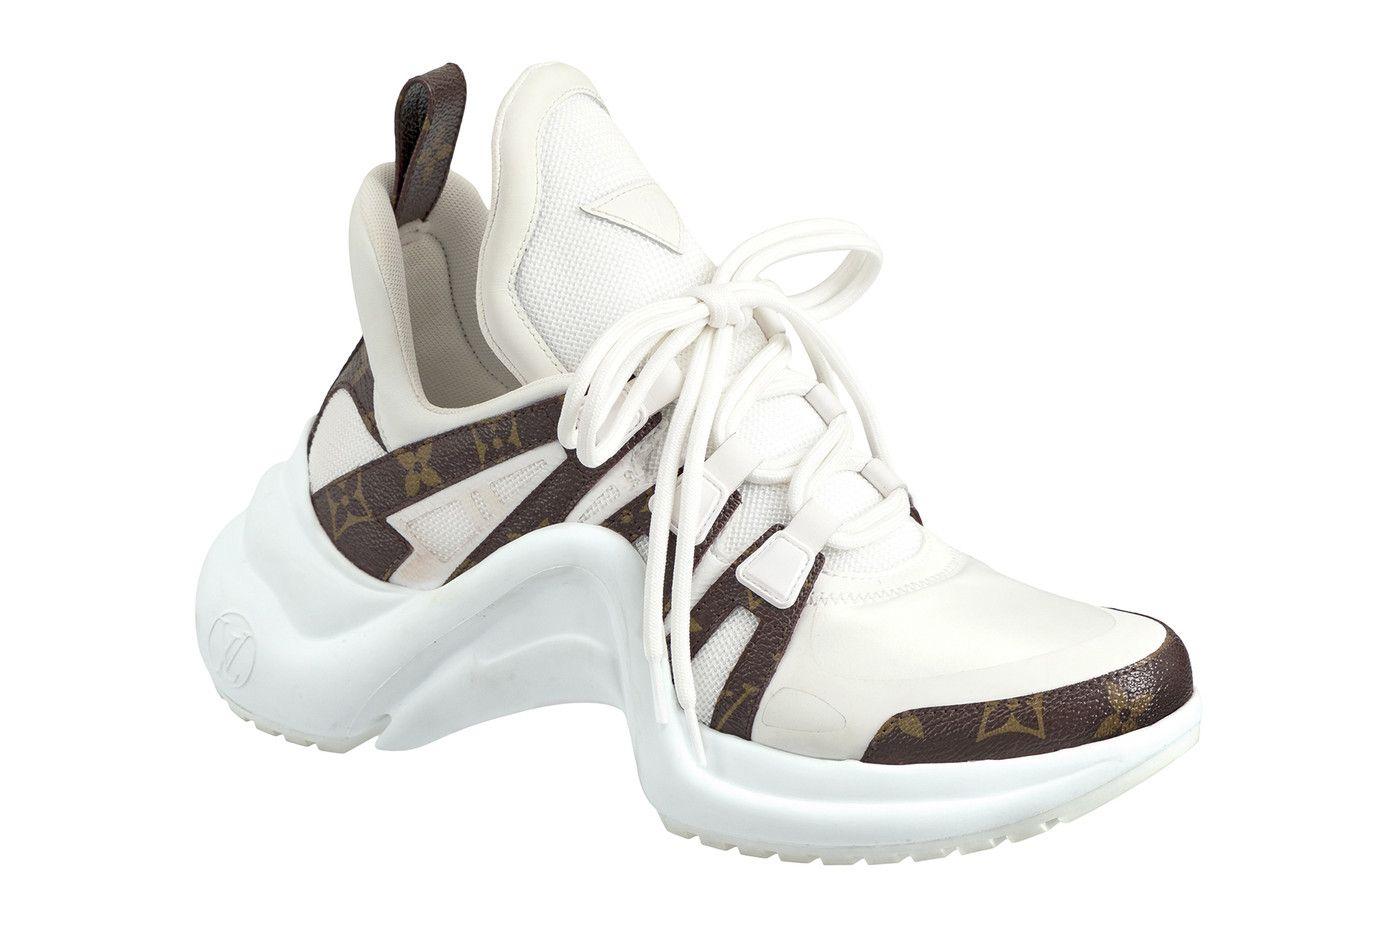 Louis Vuitton Archlight Sneaker Closer Look   HYPEBEAST